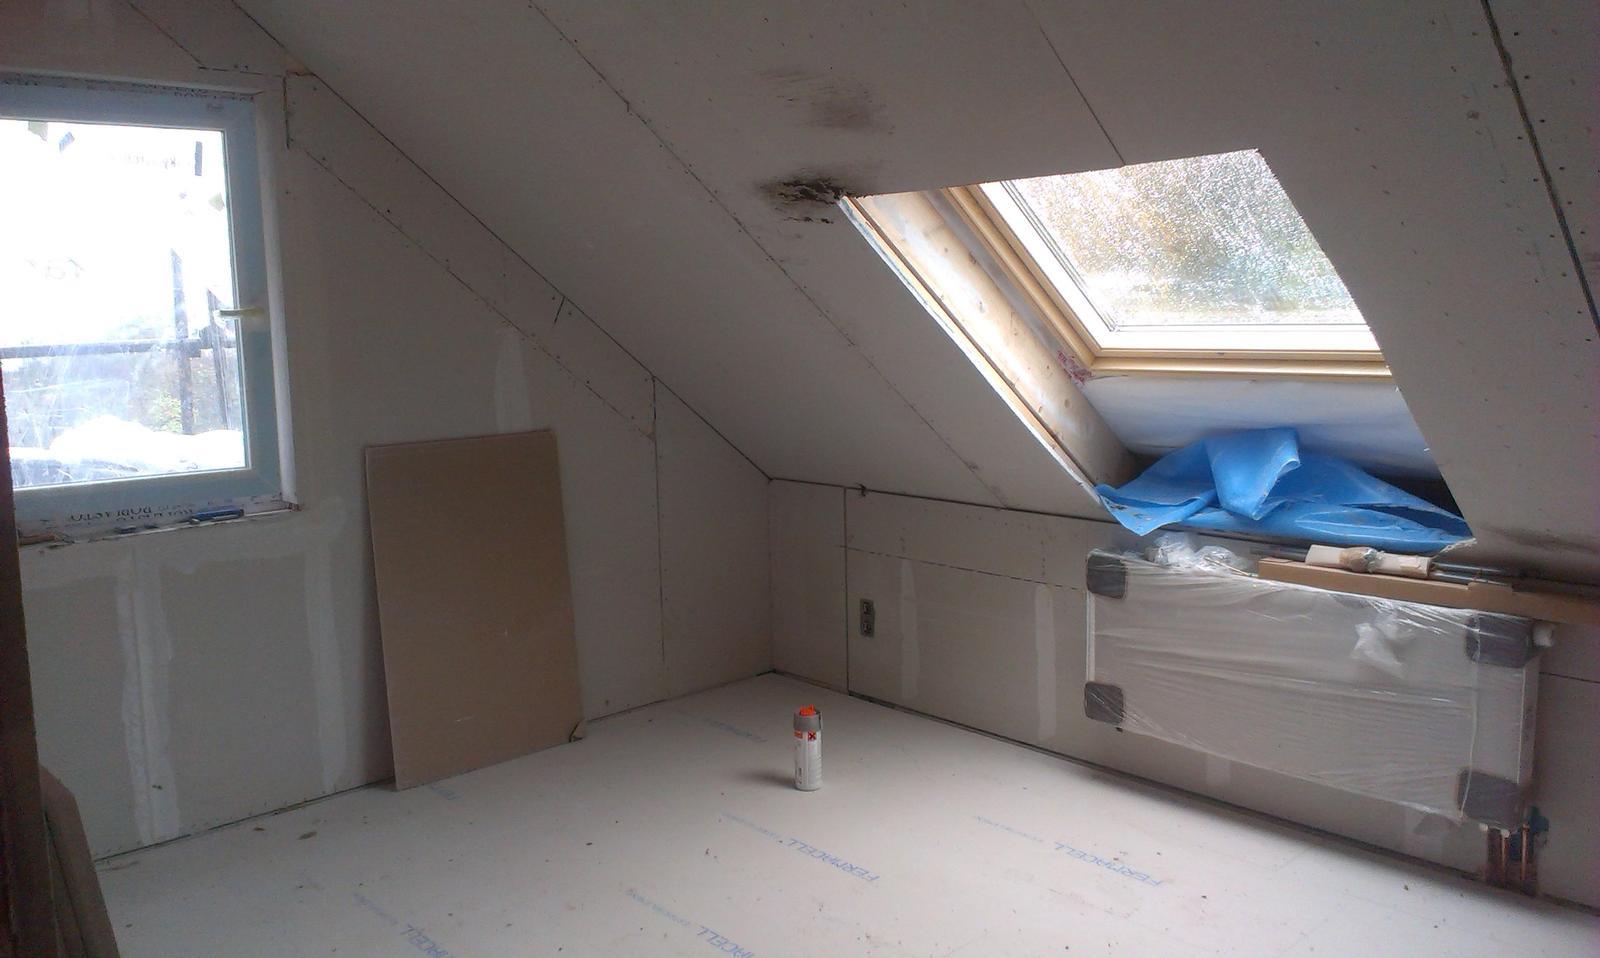 Nova 77 - 4. deň - začali sa robiť podlahy, máme strešné okná, dokončujú sadroše - stále sa maká a maká (budúca detská izba)